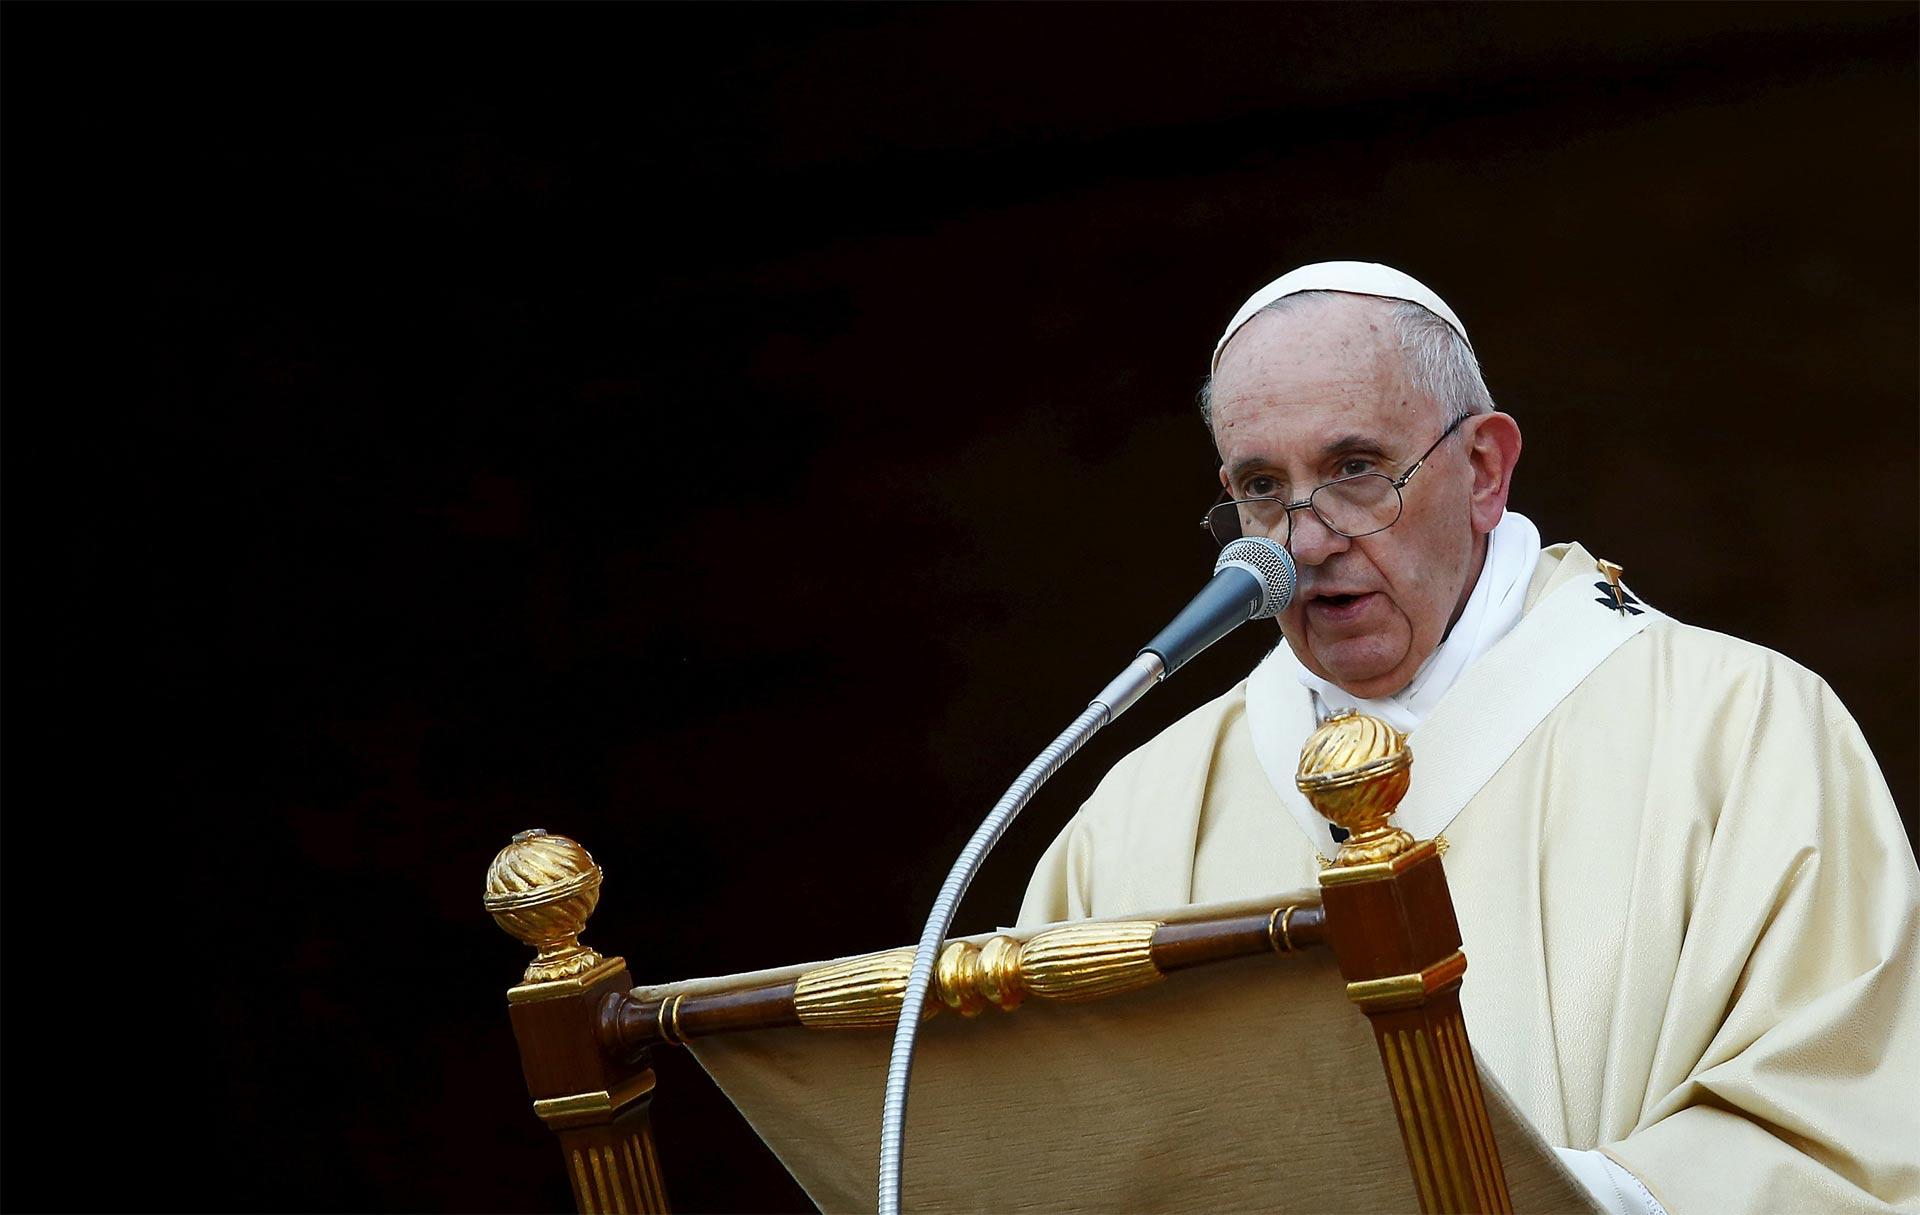 El Sumo Pontífice ya incluyó a varios países de la región en su agenda de los próximos dos años